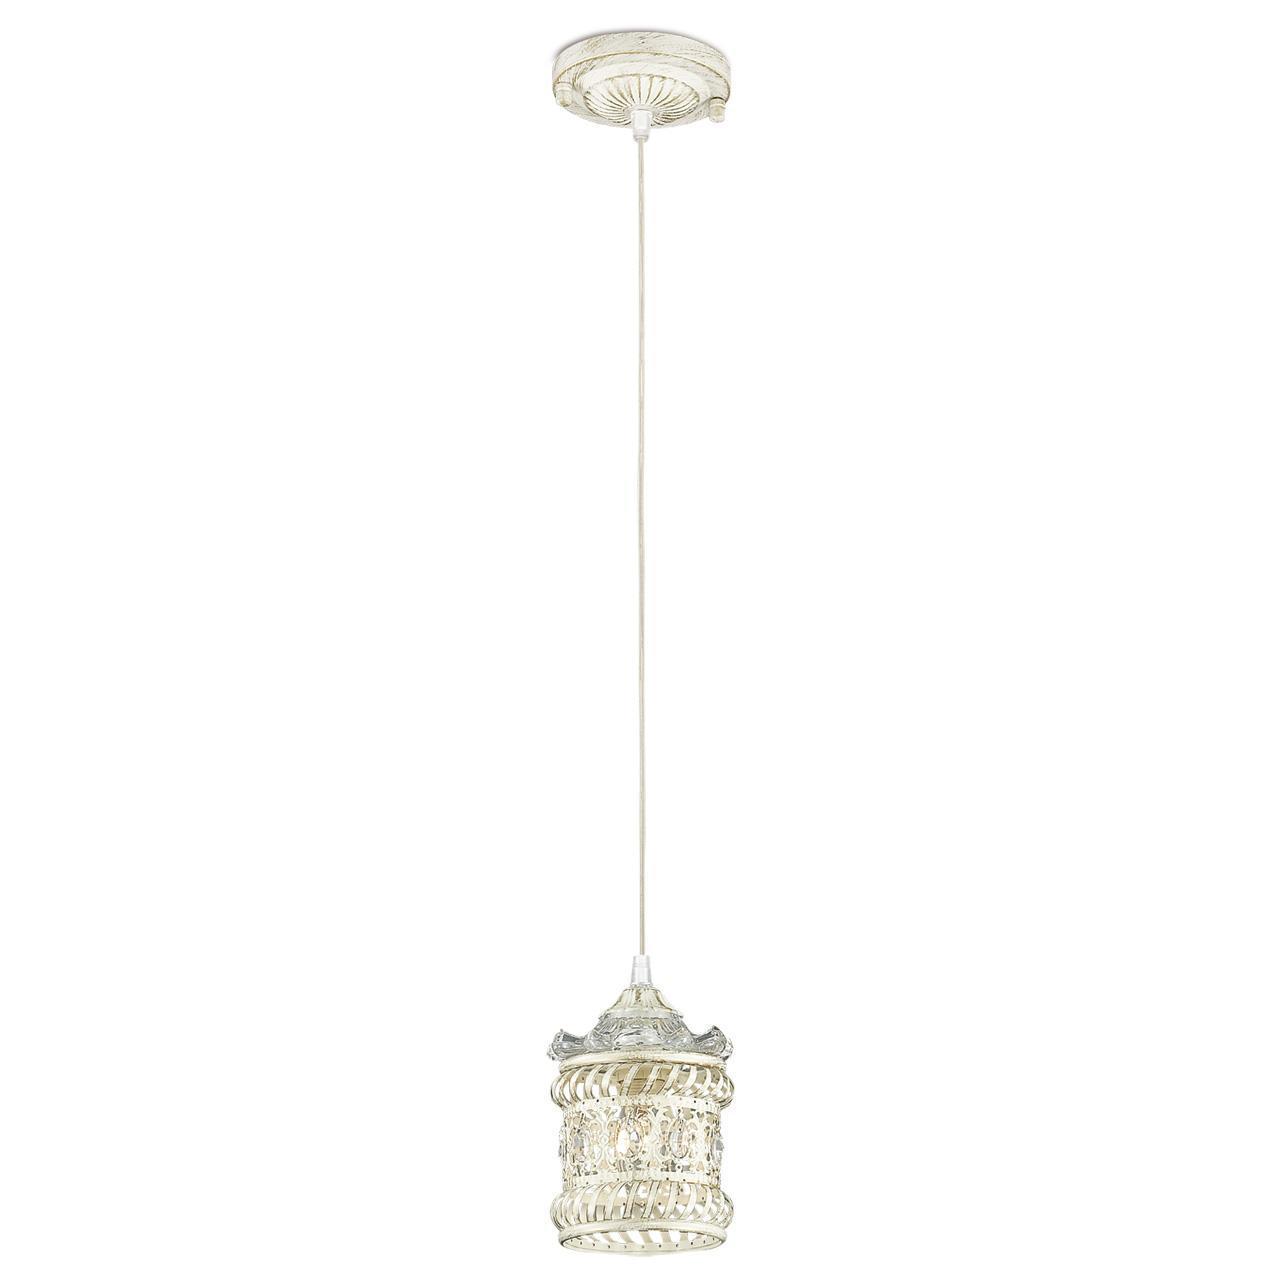 Подвесной светильник Odeon Light Zafran 2837/1 цены